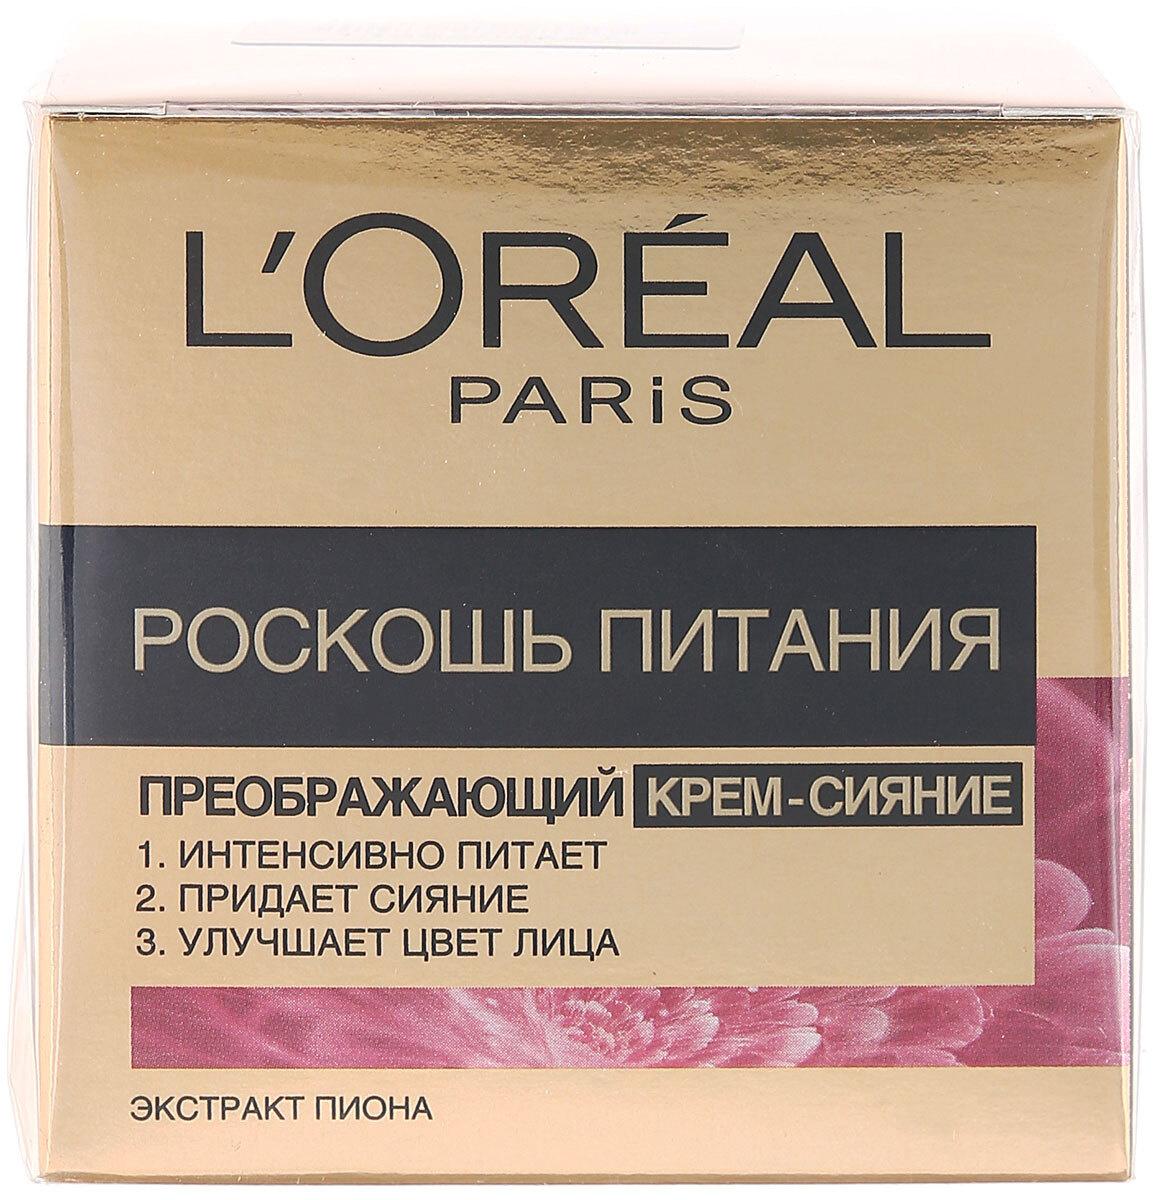 Дневной крем-сияние для лица L'Oreal Paris Роскошь питания, 50 мл  #1